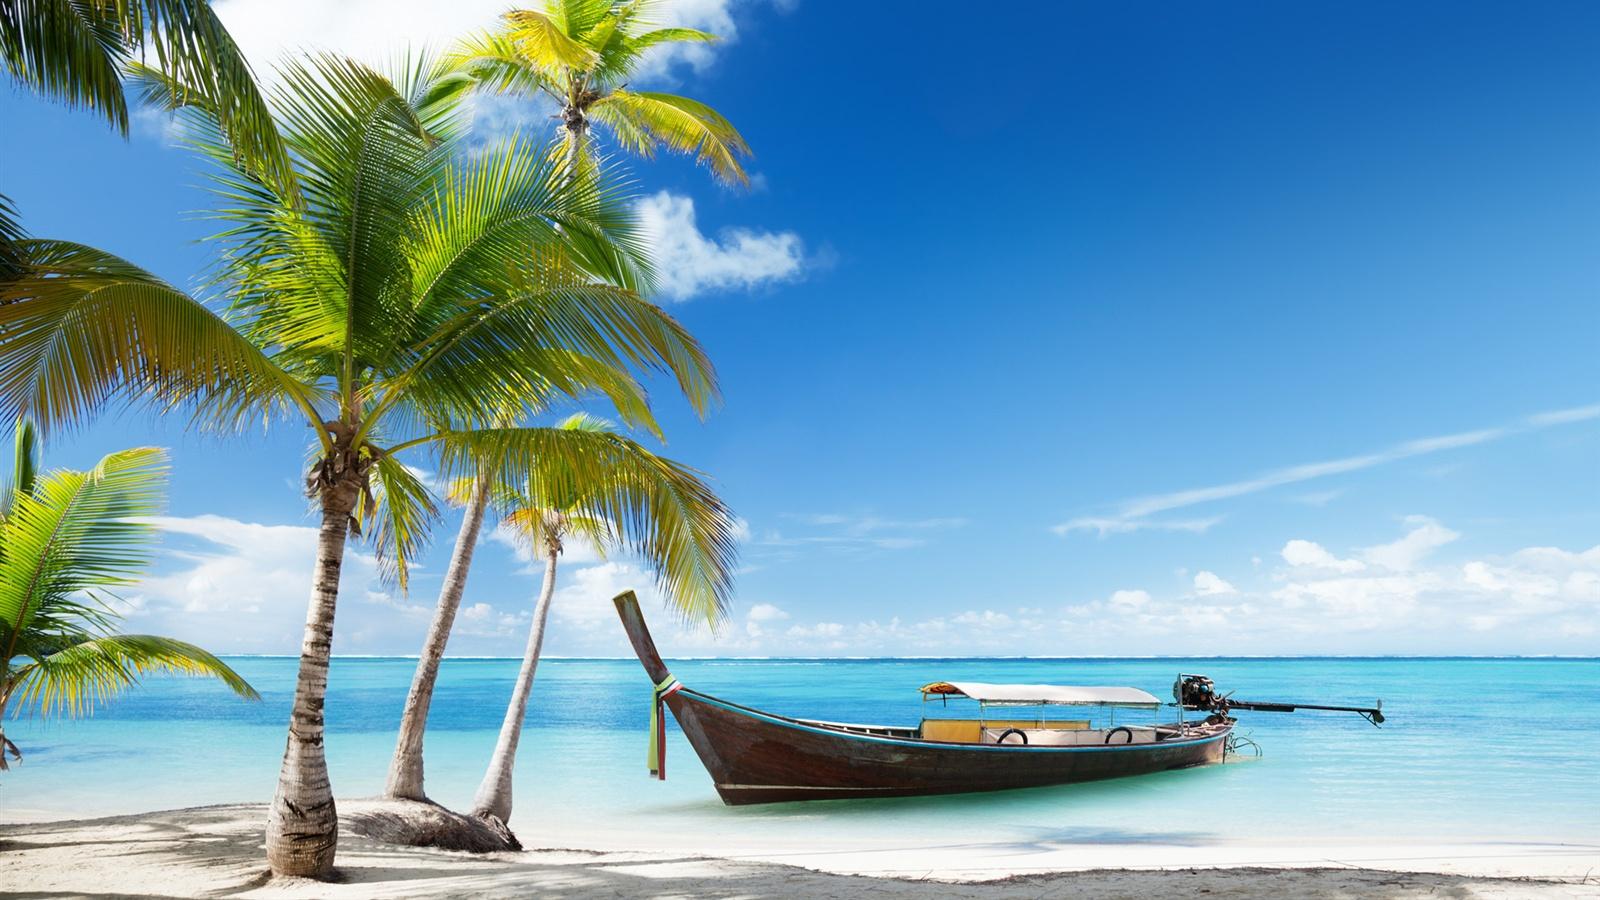 viajes de novios maldivas: